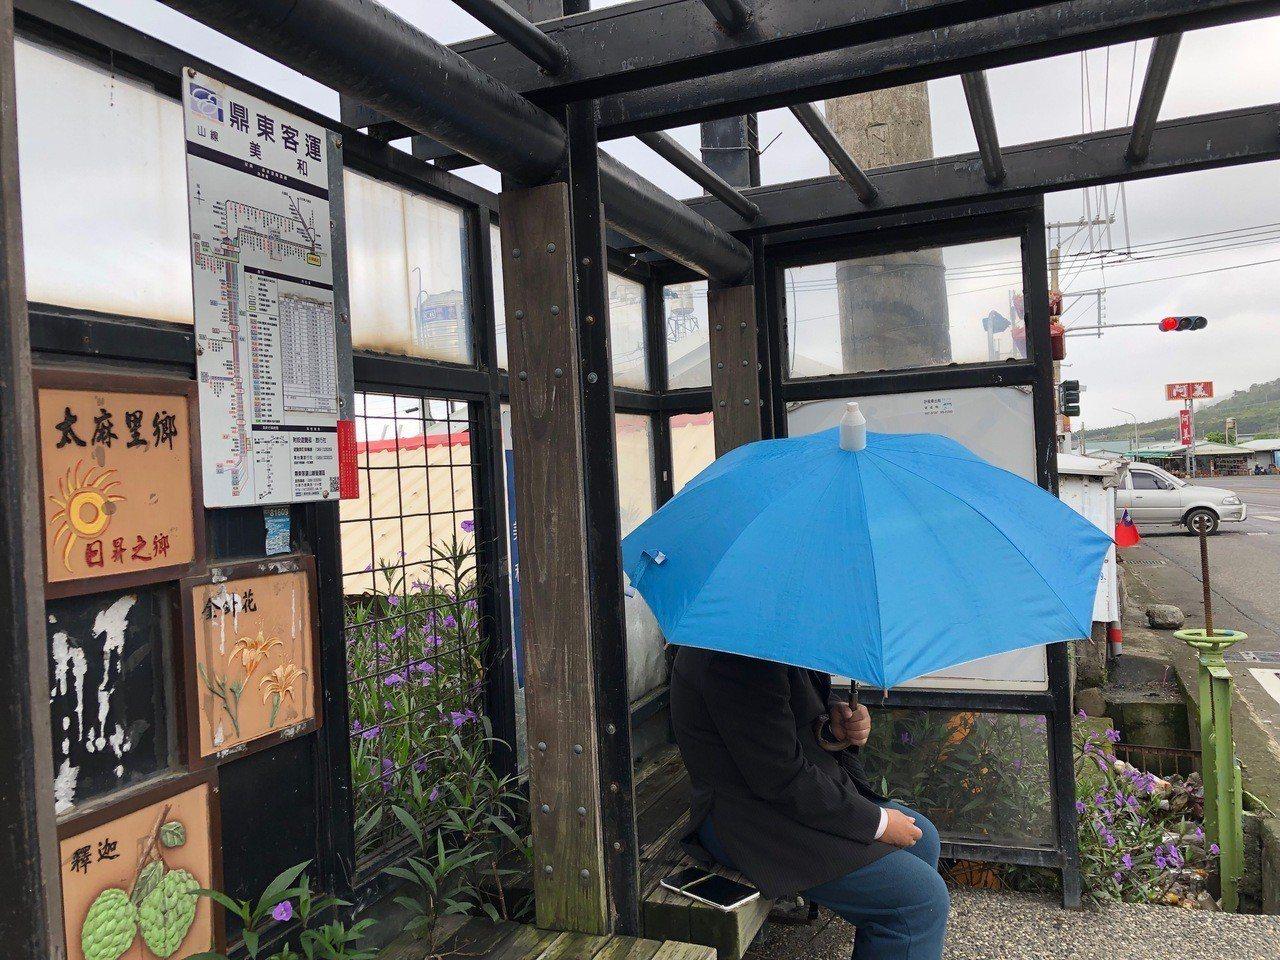 台東這幾天陰雨綿綿,民眾在候車亭等公車,卻因候車亭失去了「遮雨」的功能,只能撐傘...